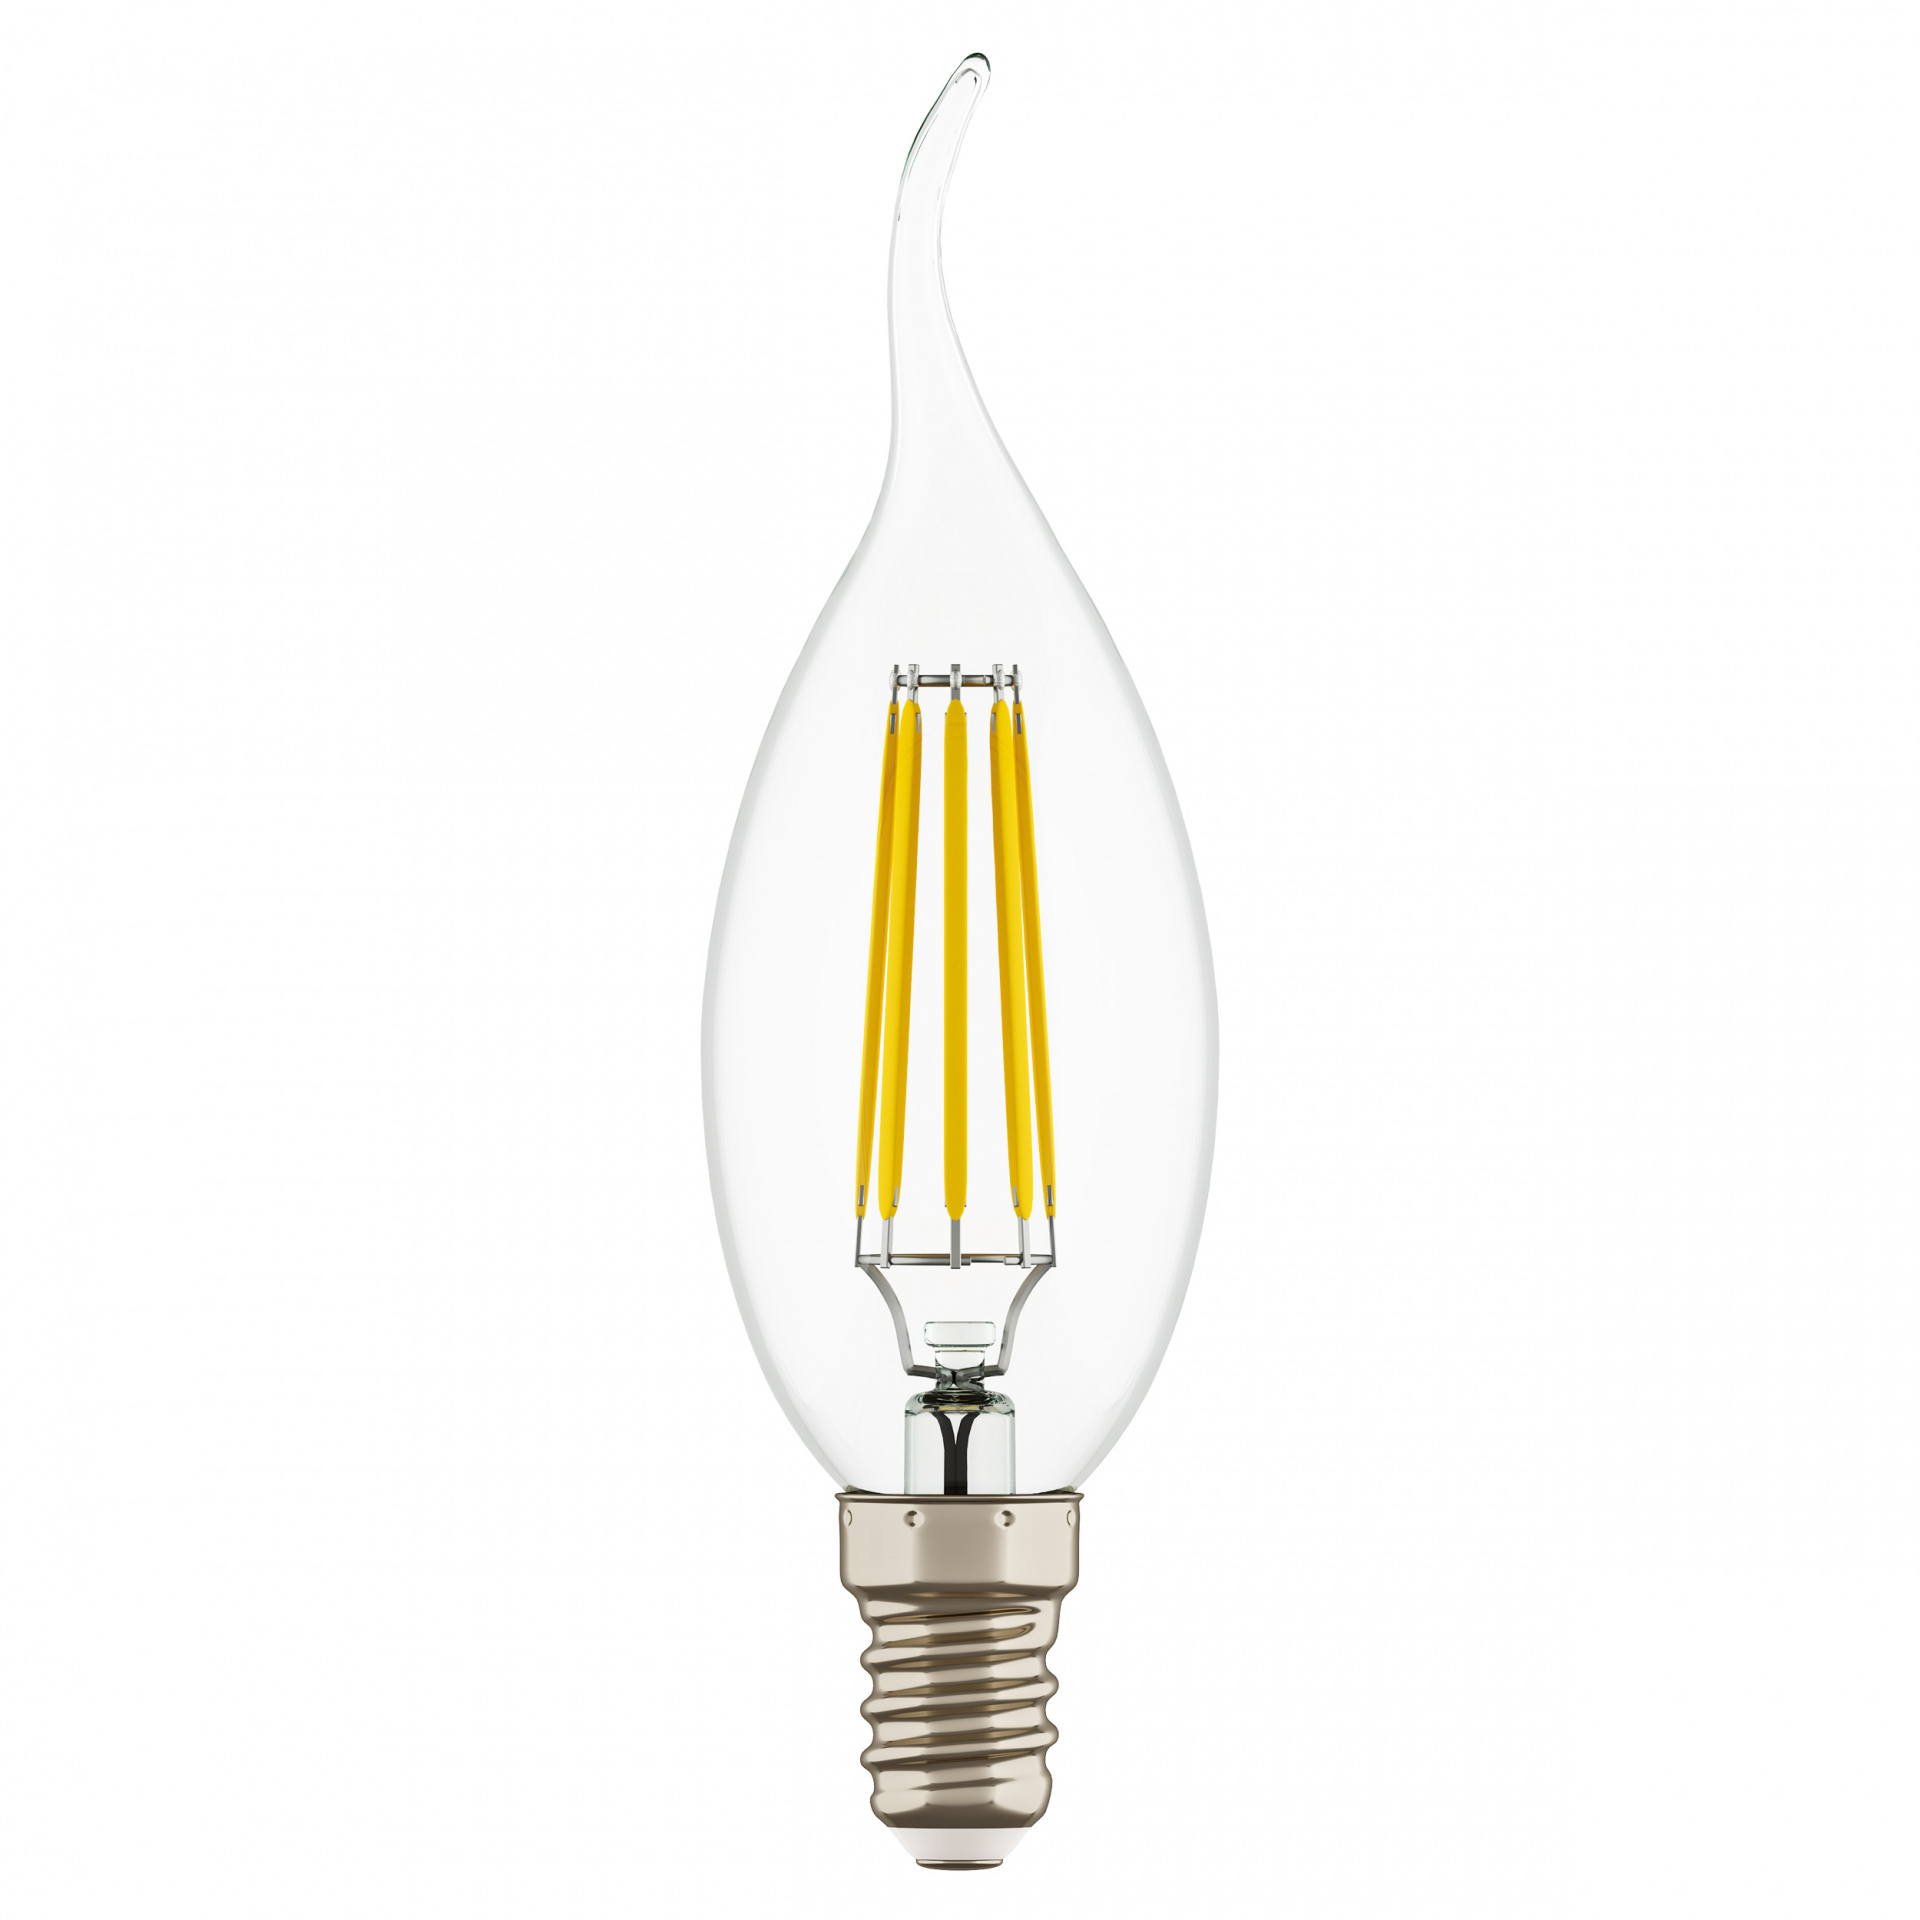 Лампа LED 220V CA35 E14 4W=40W 350LM 360G CL 3000K 20000H Lightstar 940662, купить в СПб, Москве, с доставкой, Санкт-Петербург, интернет-магазин люстр и светильников Starlight, фото в жизни